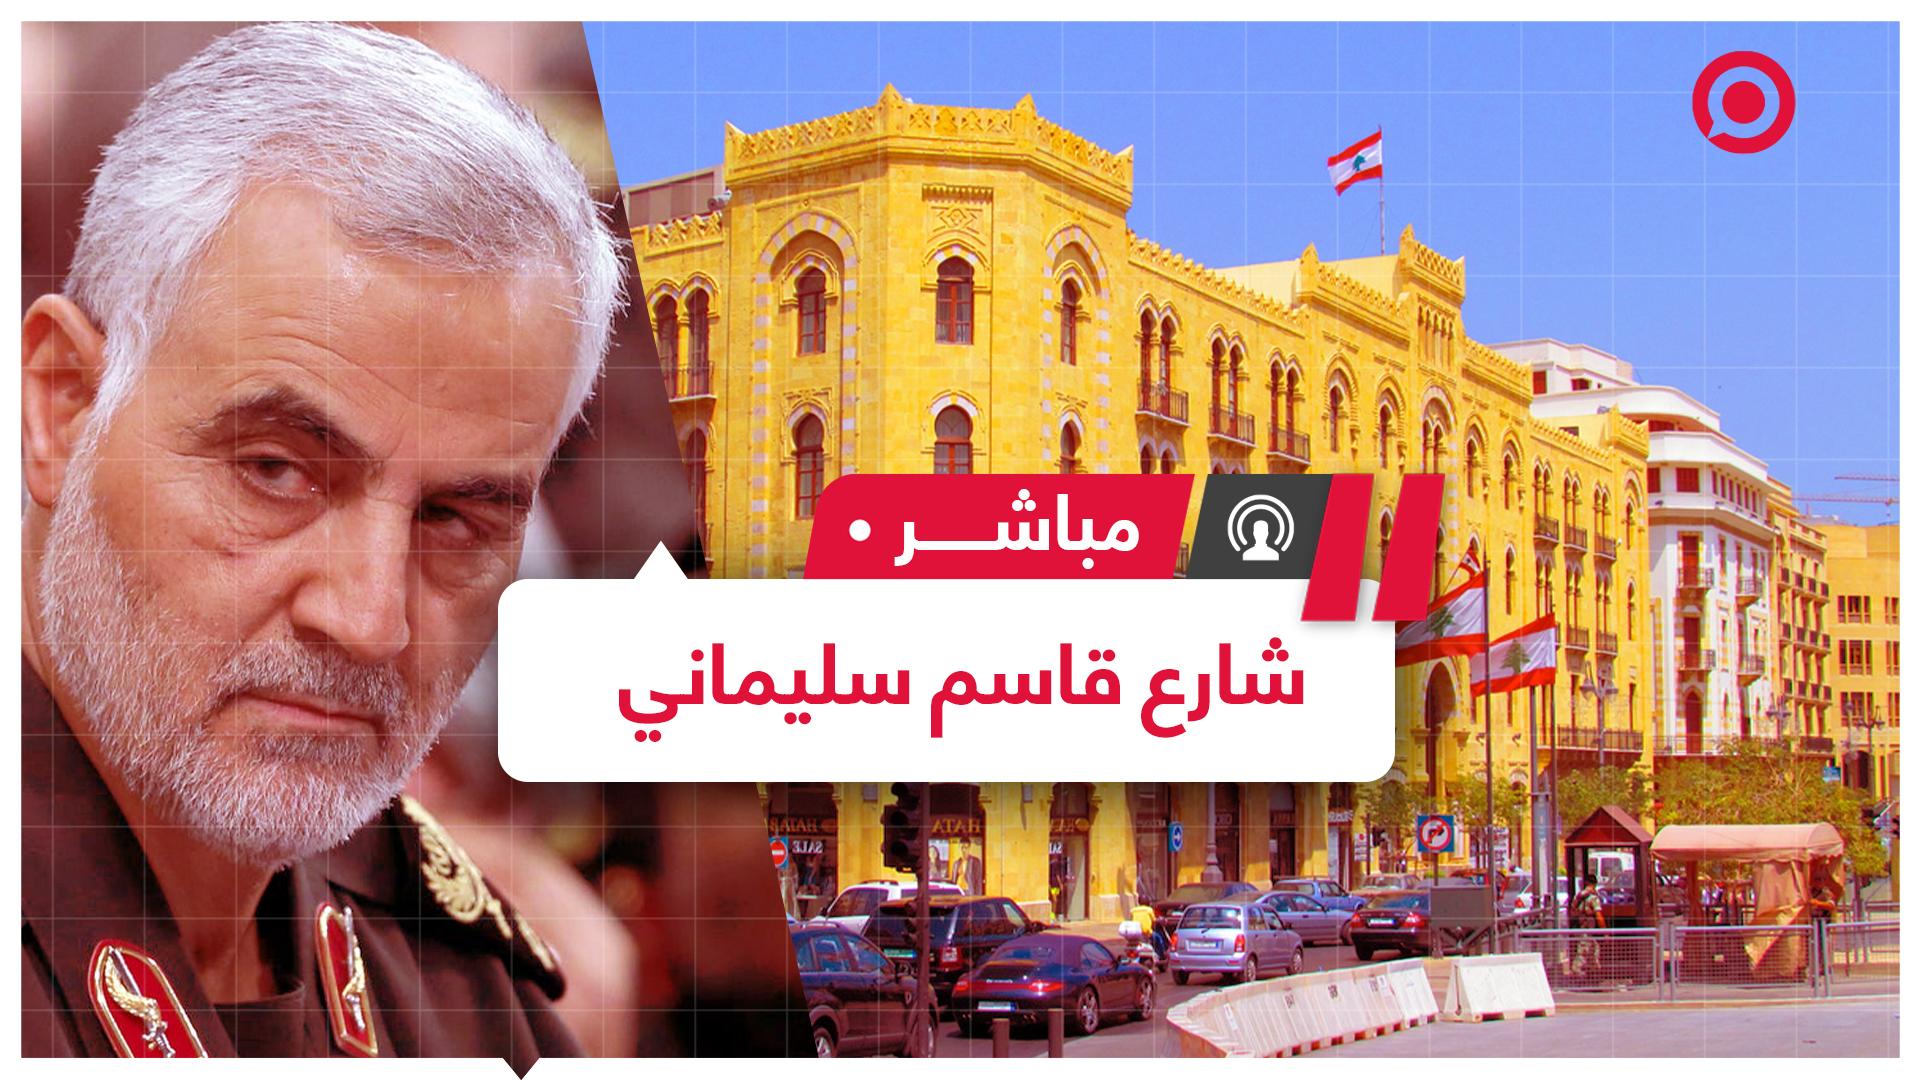 جدل على اسم شارع سليماني بلبنان وأفيخاي أدرعي يغرد متدخلا بالقصة